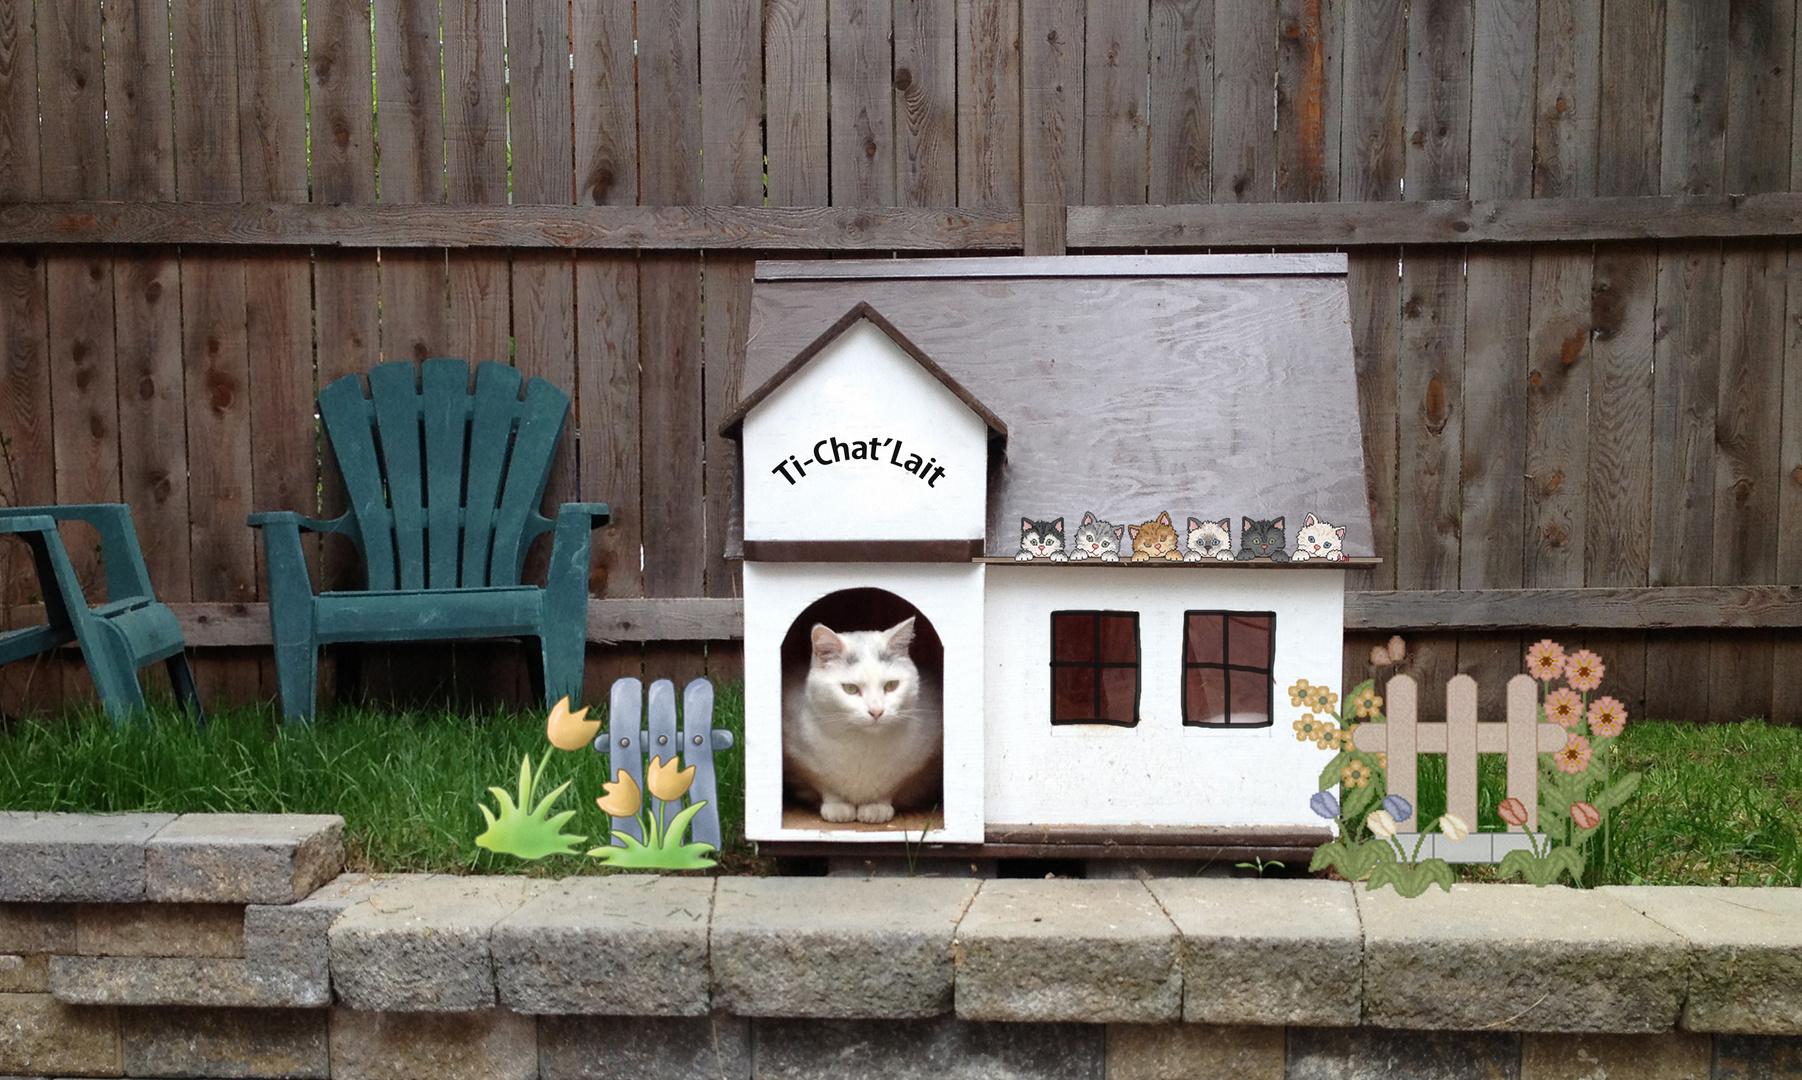 mon petit chalet au canada photo et image animaux animaux domestiques chats images fotocommunity